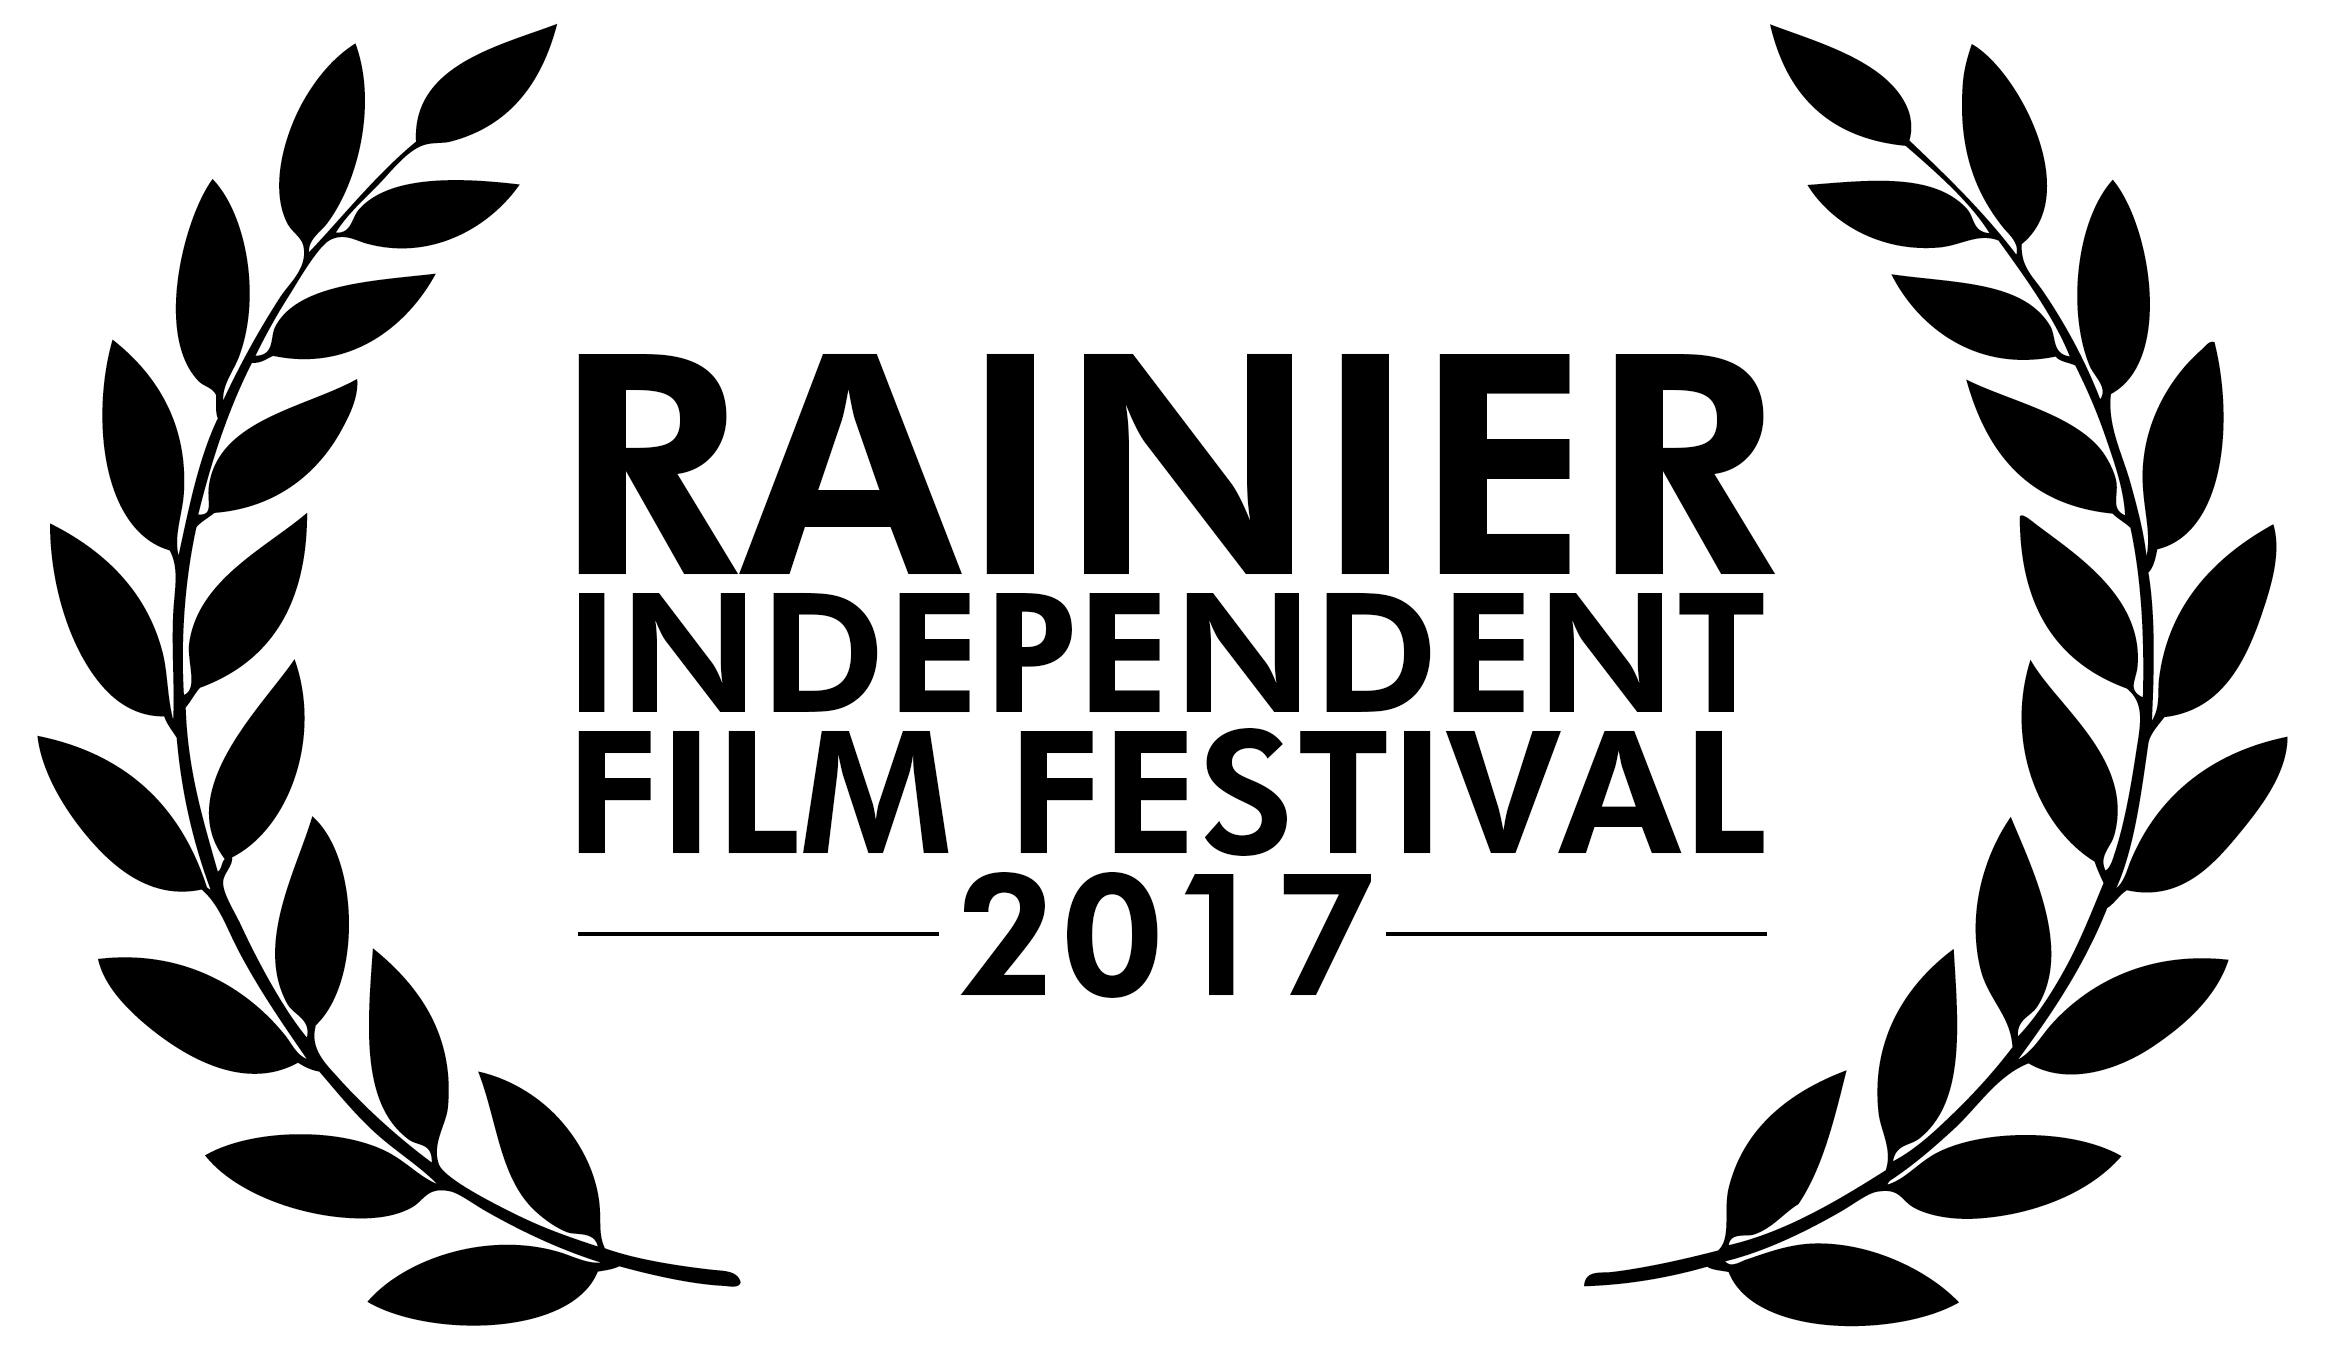 RainierFilmLaurels_01.png